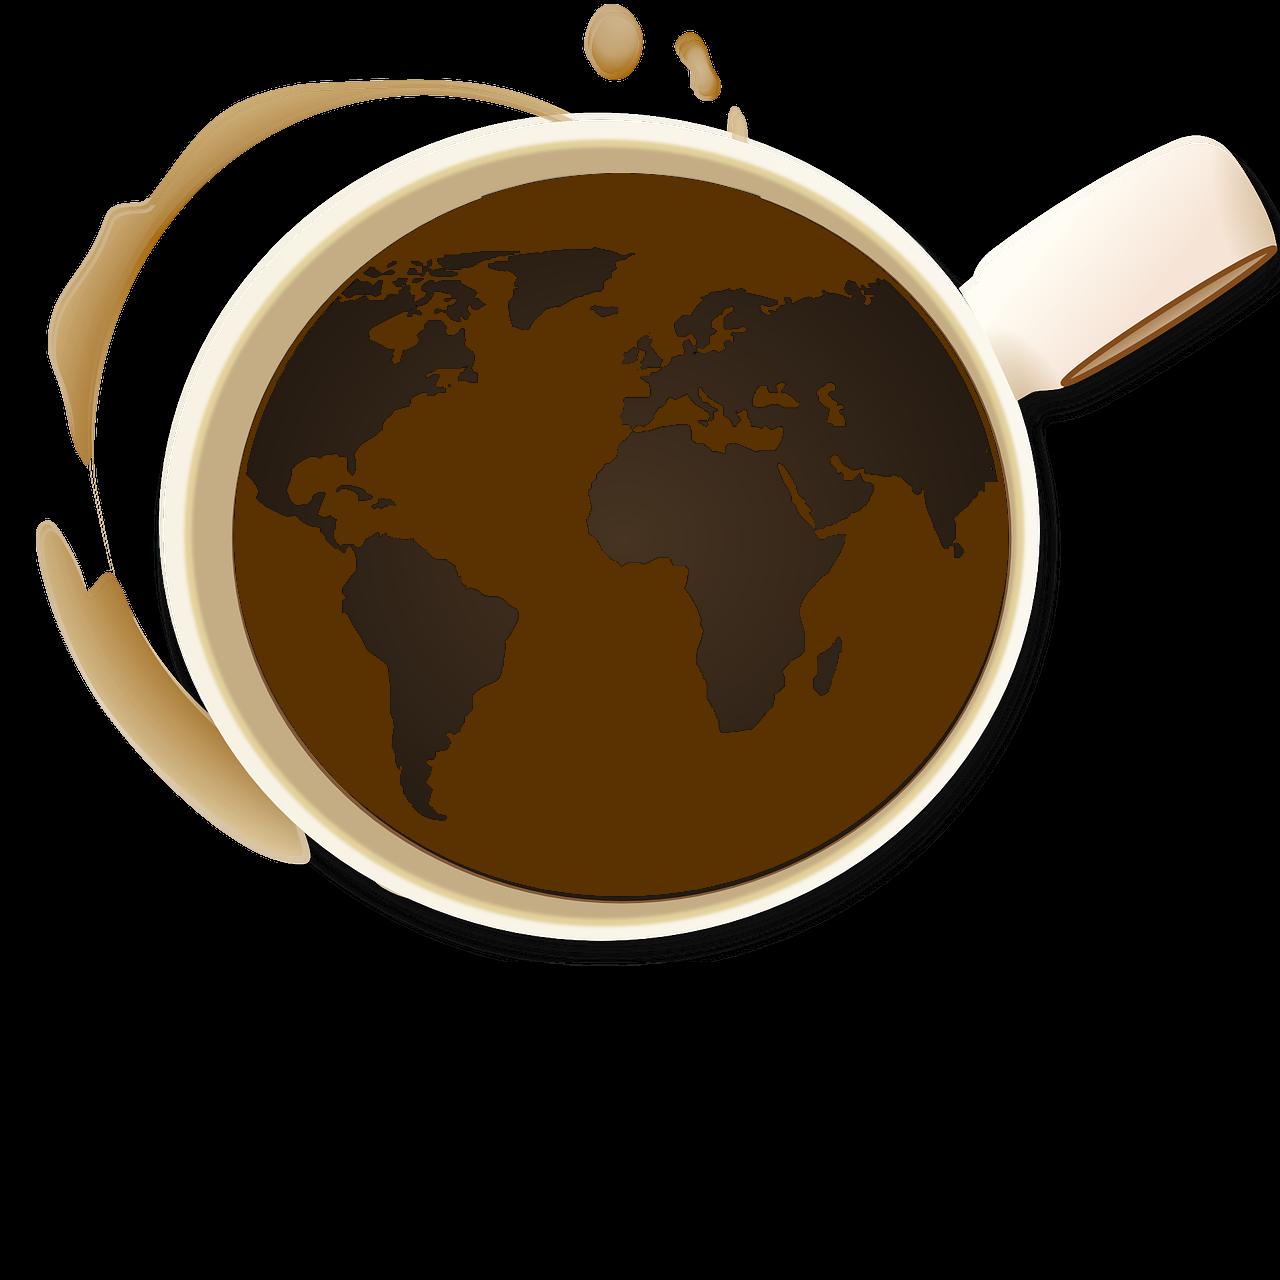 współpraca, blogi językowe i kulturowe, Head Full of Ideas